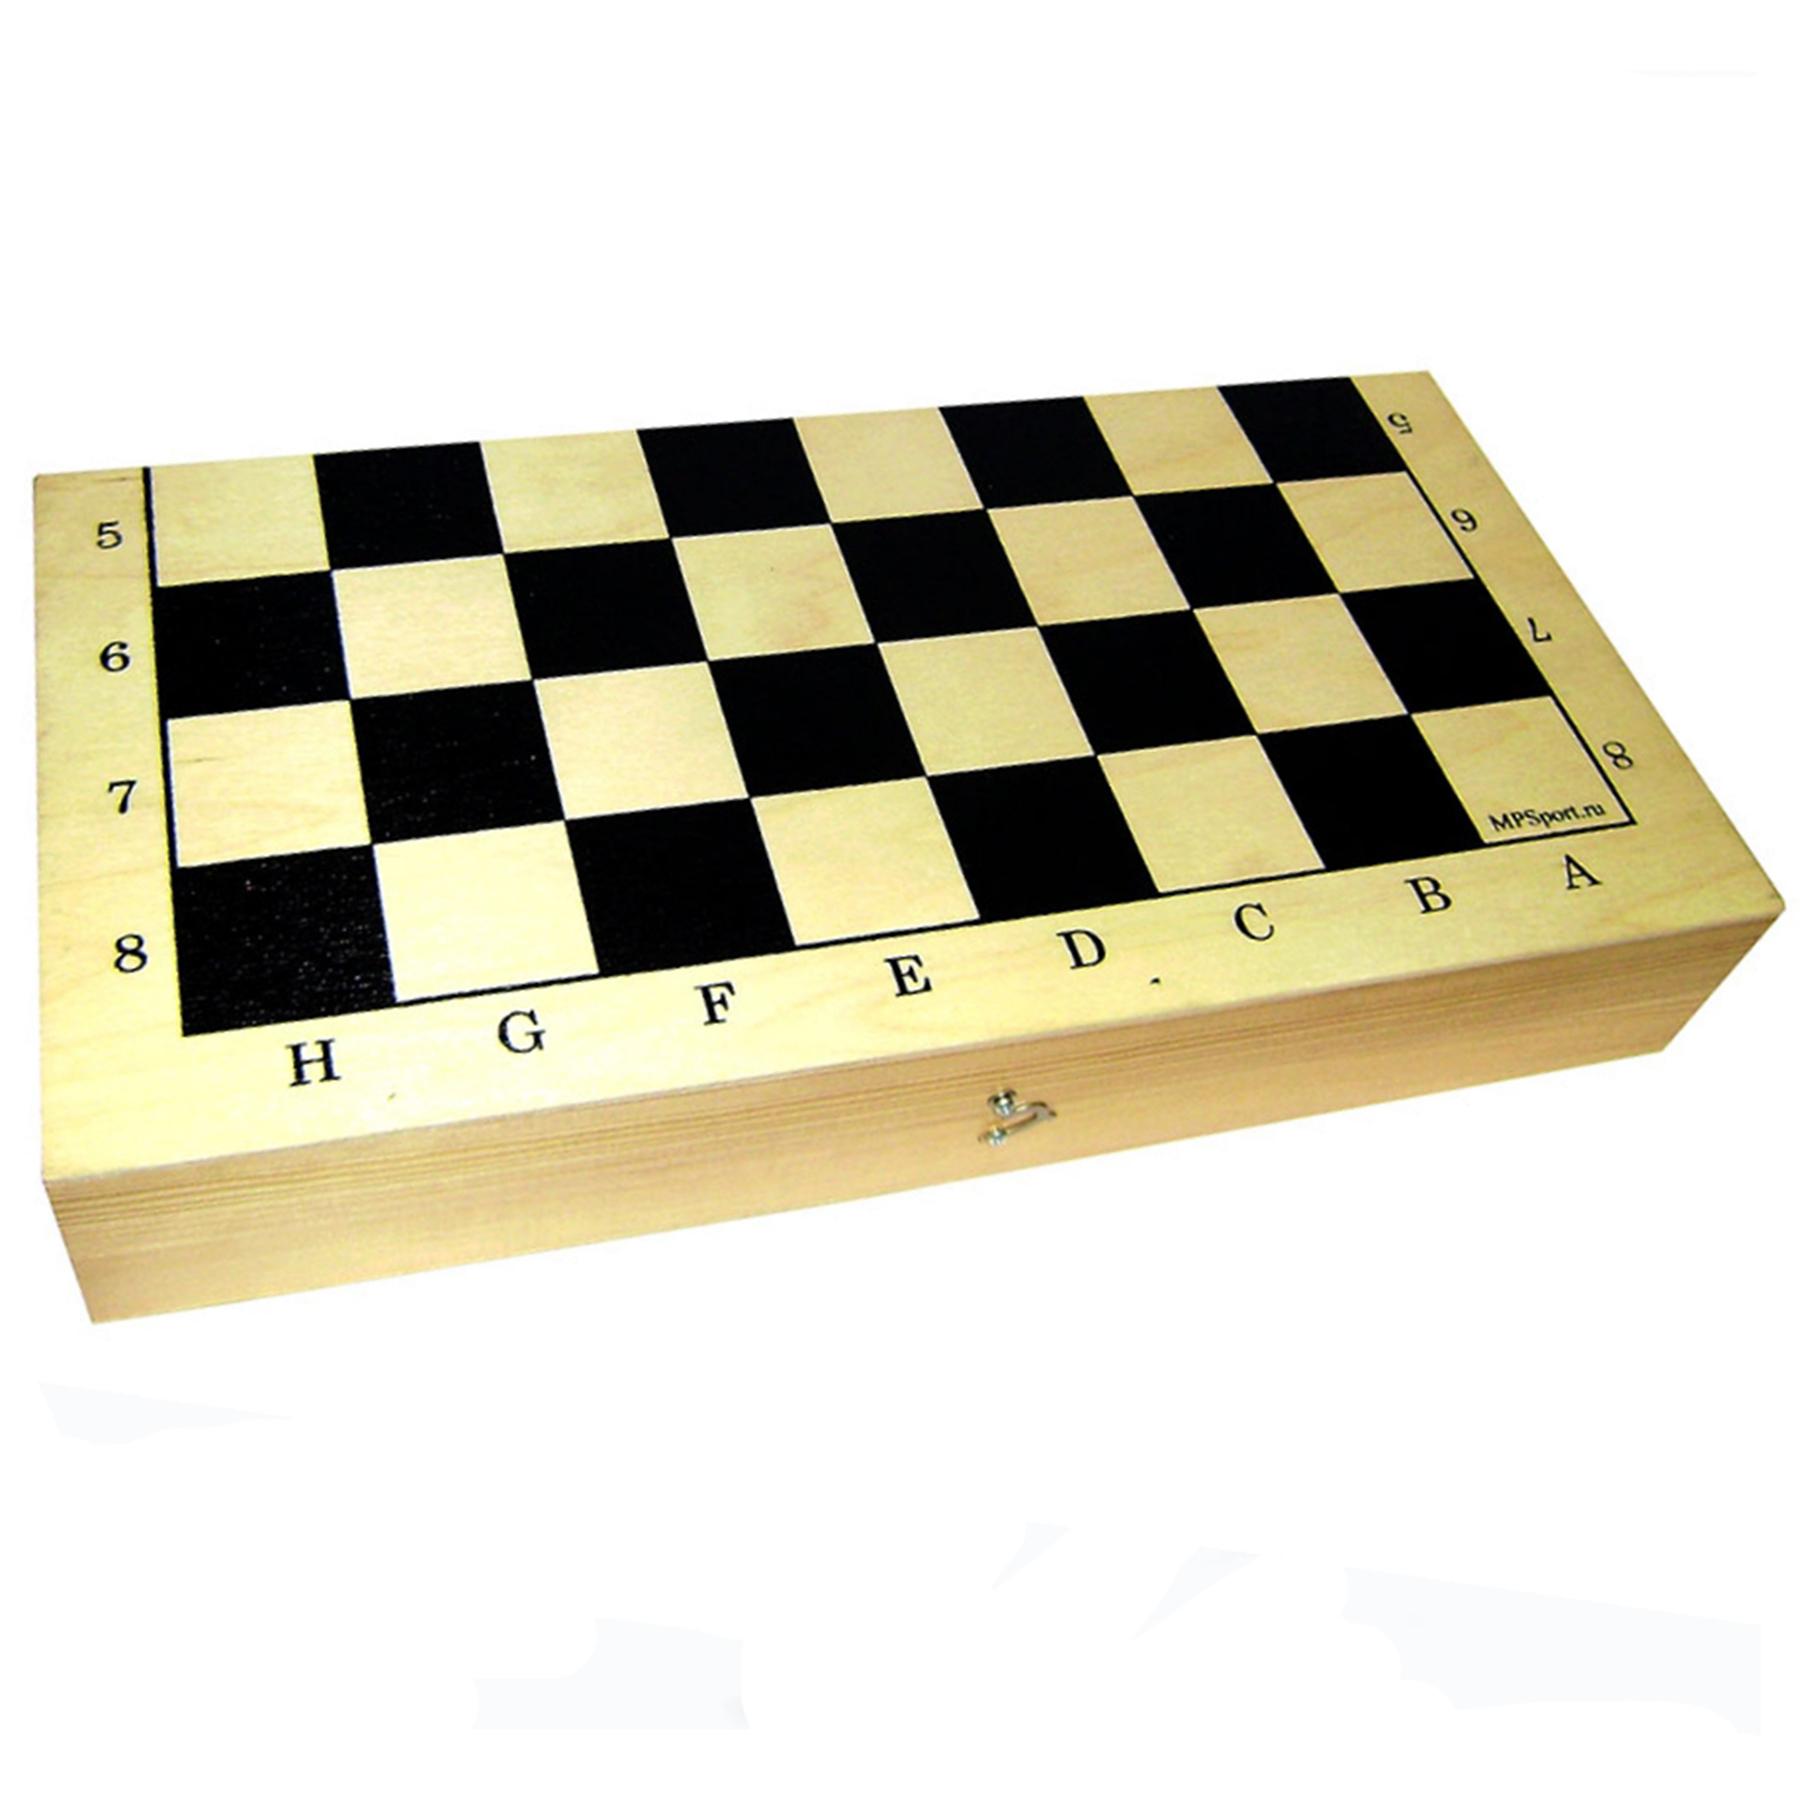 Доска шахматная деревянная Гроссмейстер арт. 02-03